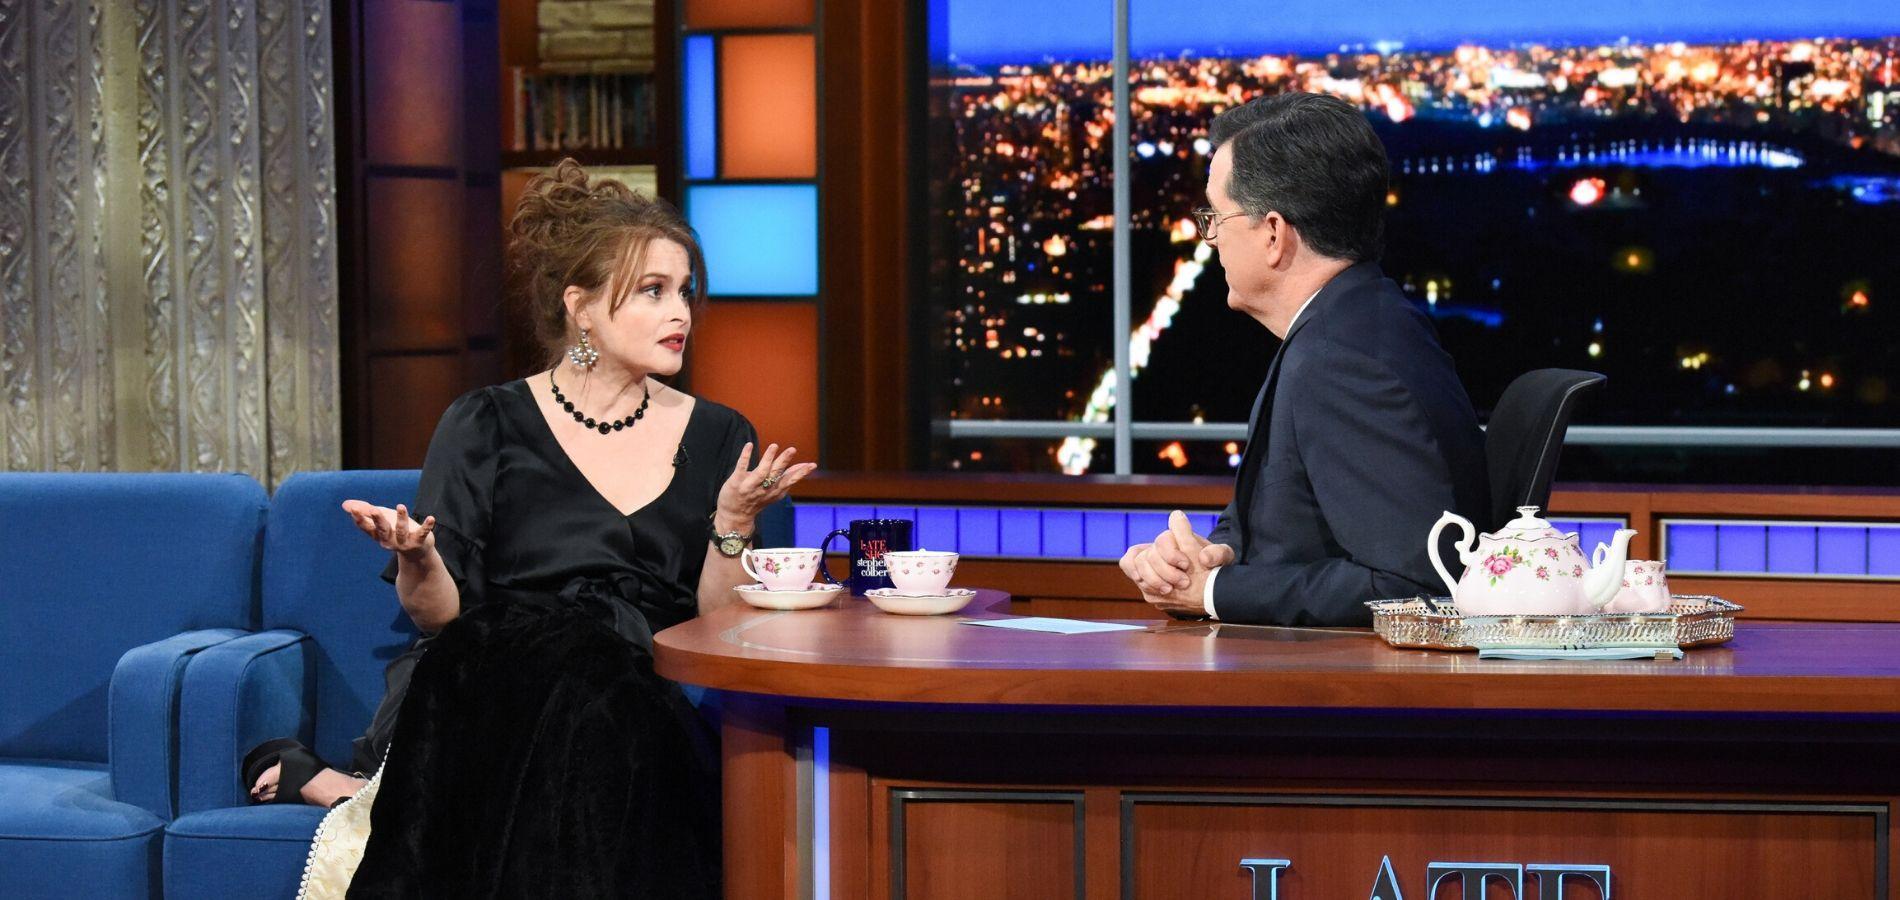 Le jour où Helena Bonham Carter a demandé au prince William d'être le parrain de sa fille